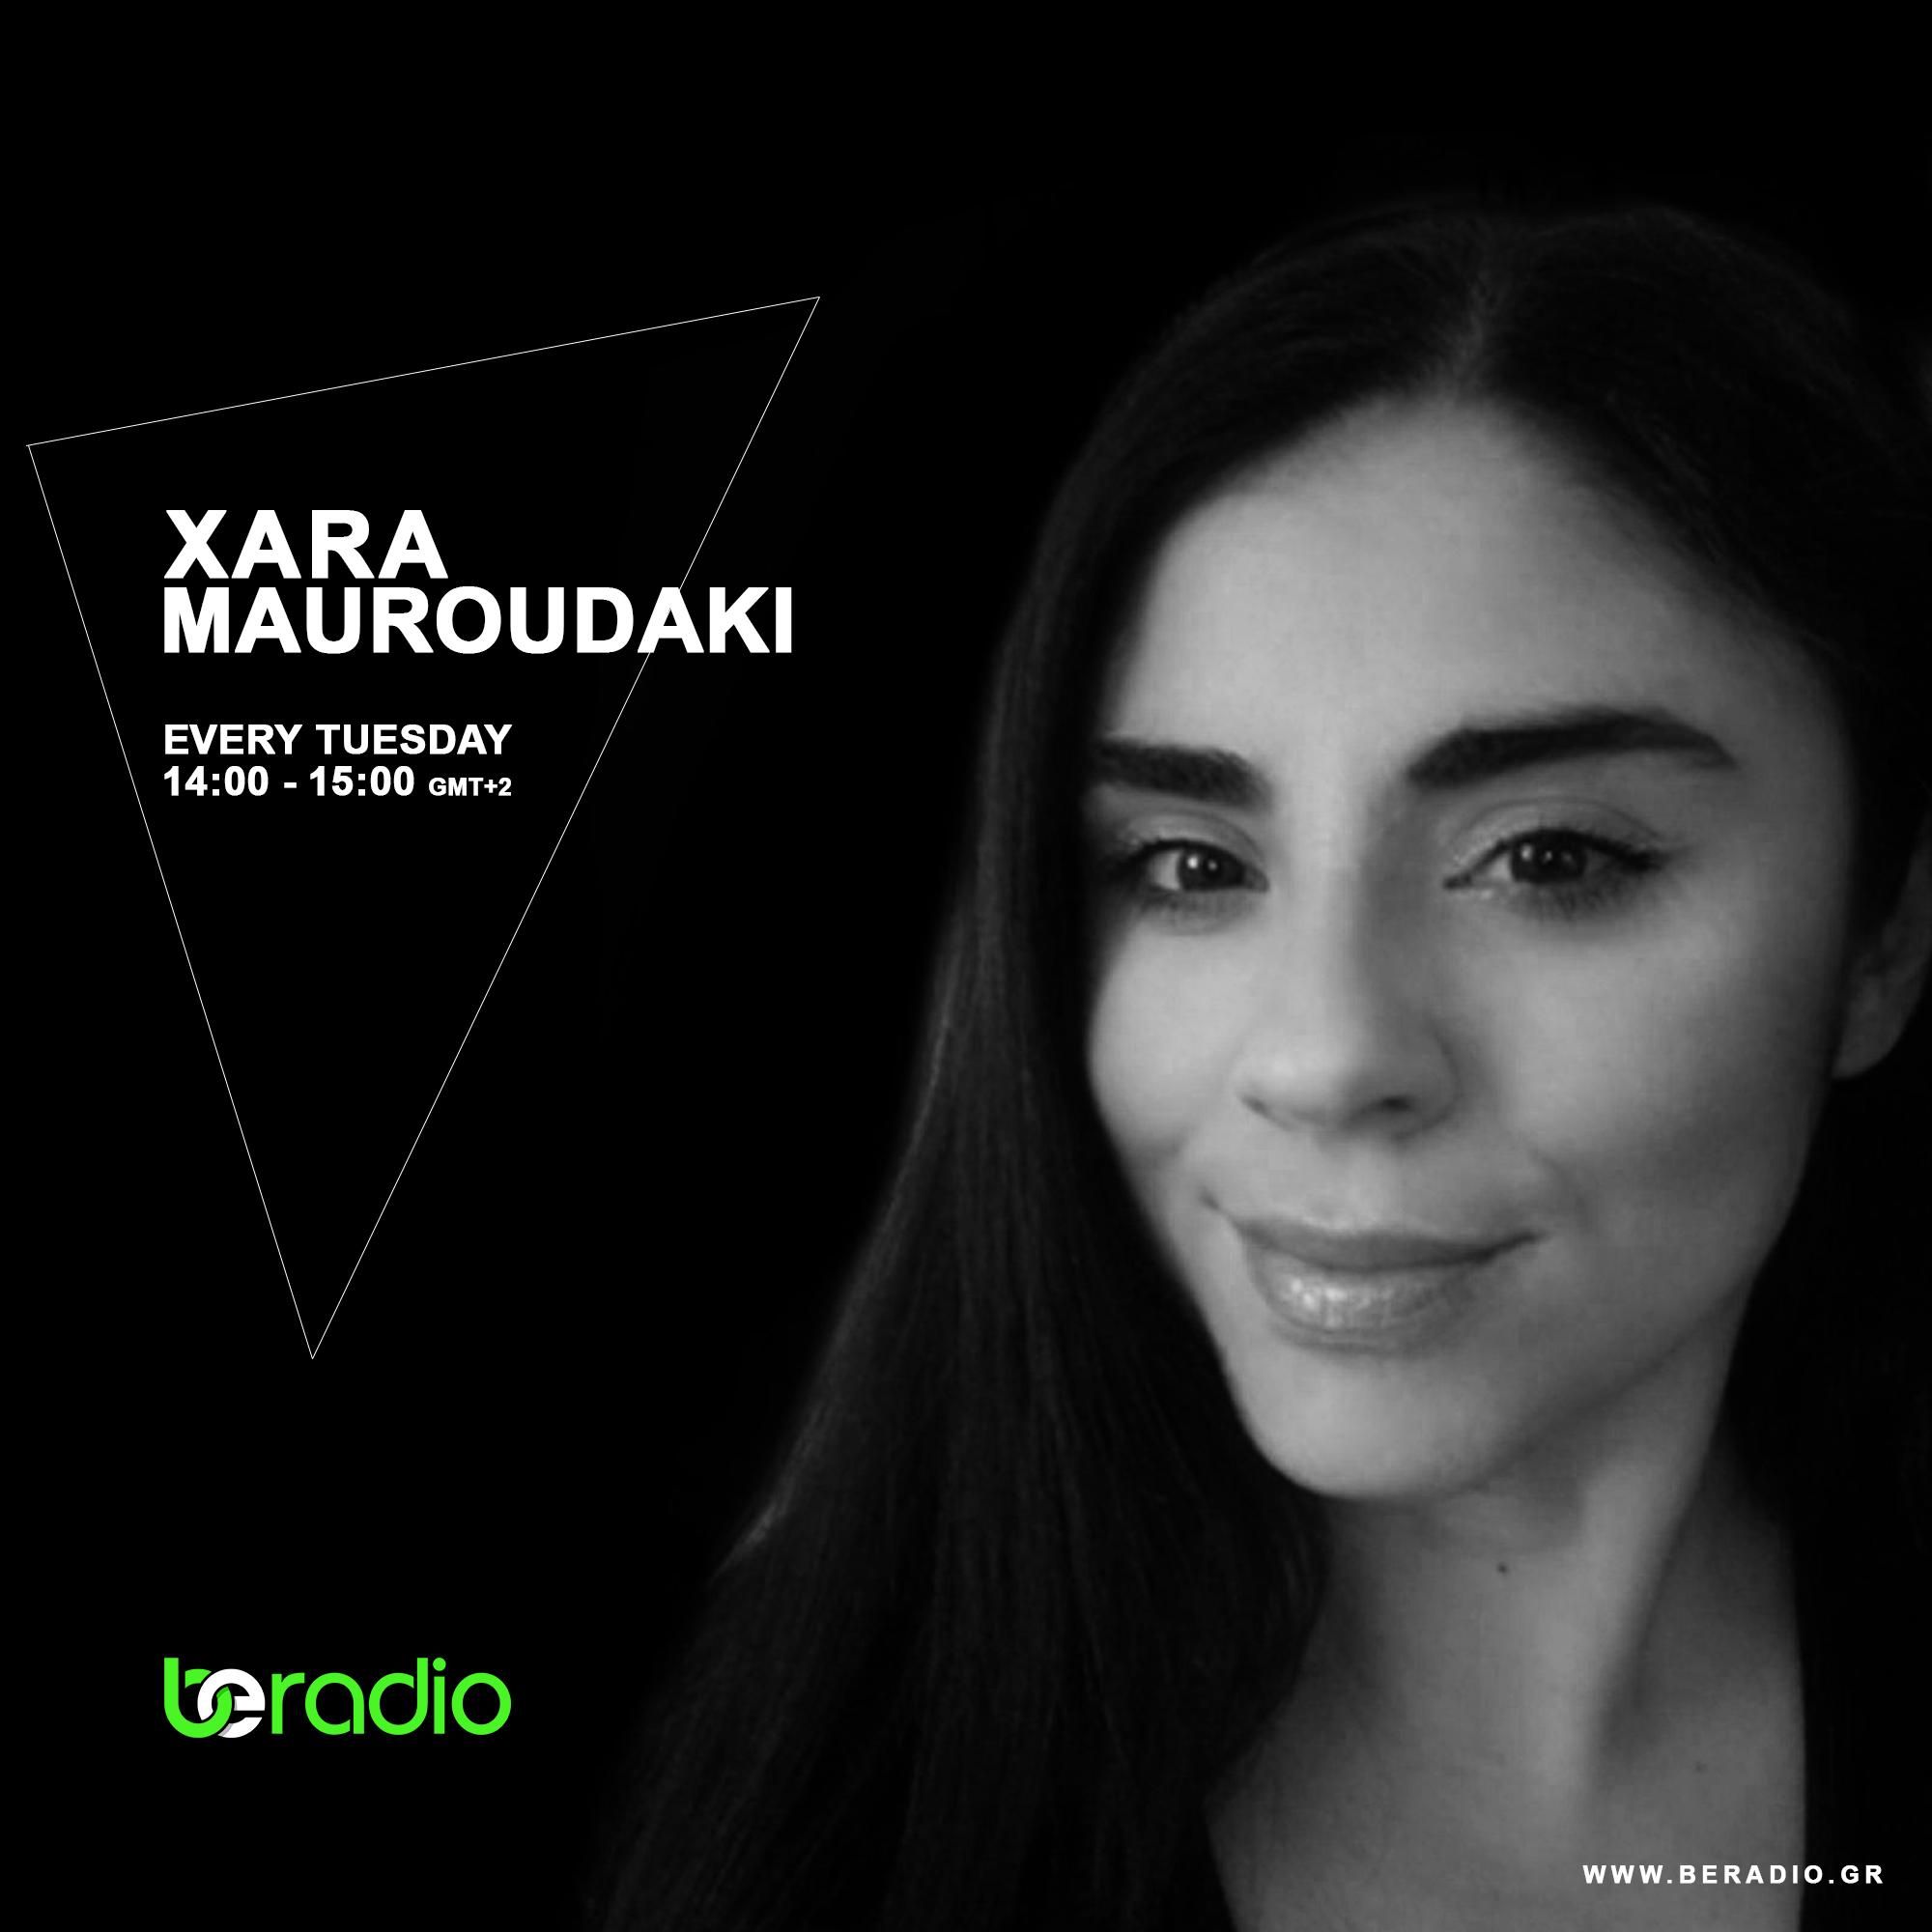 XARA MAUROUDAKI